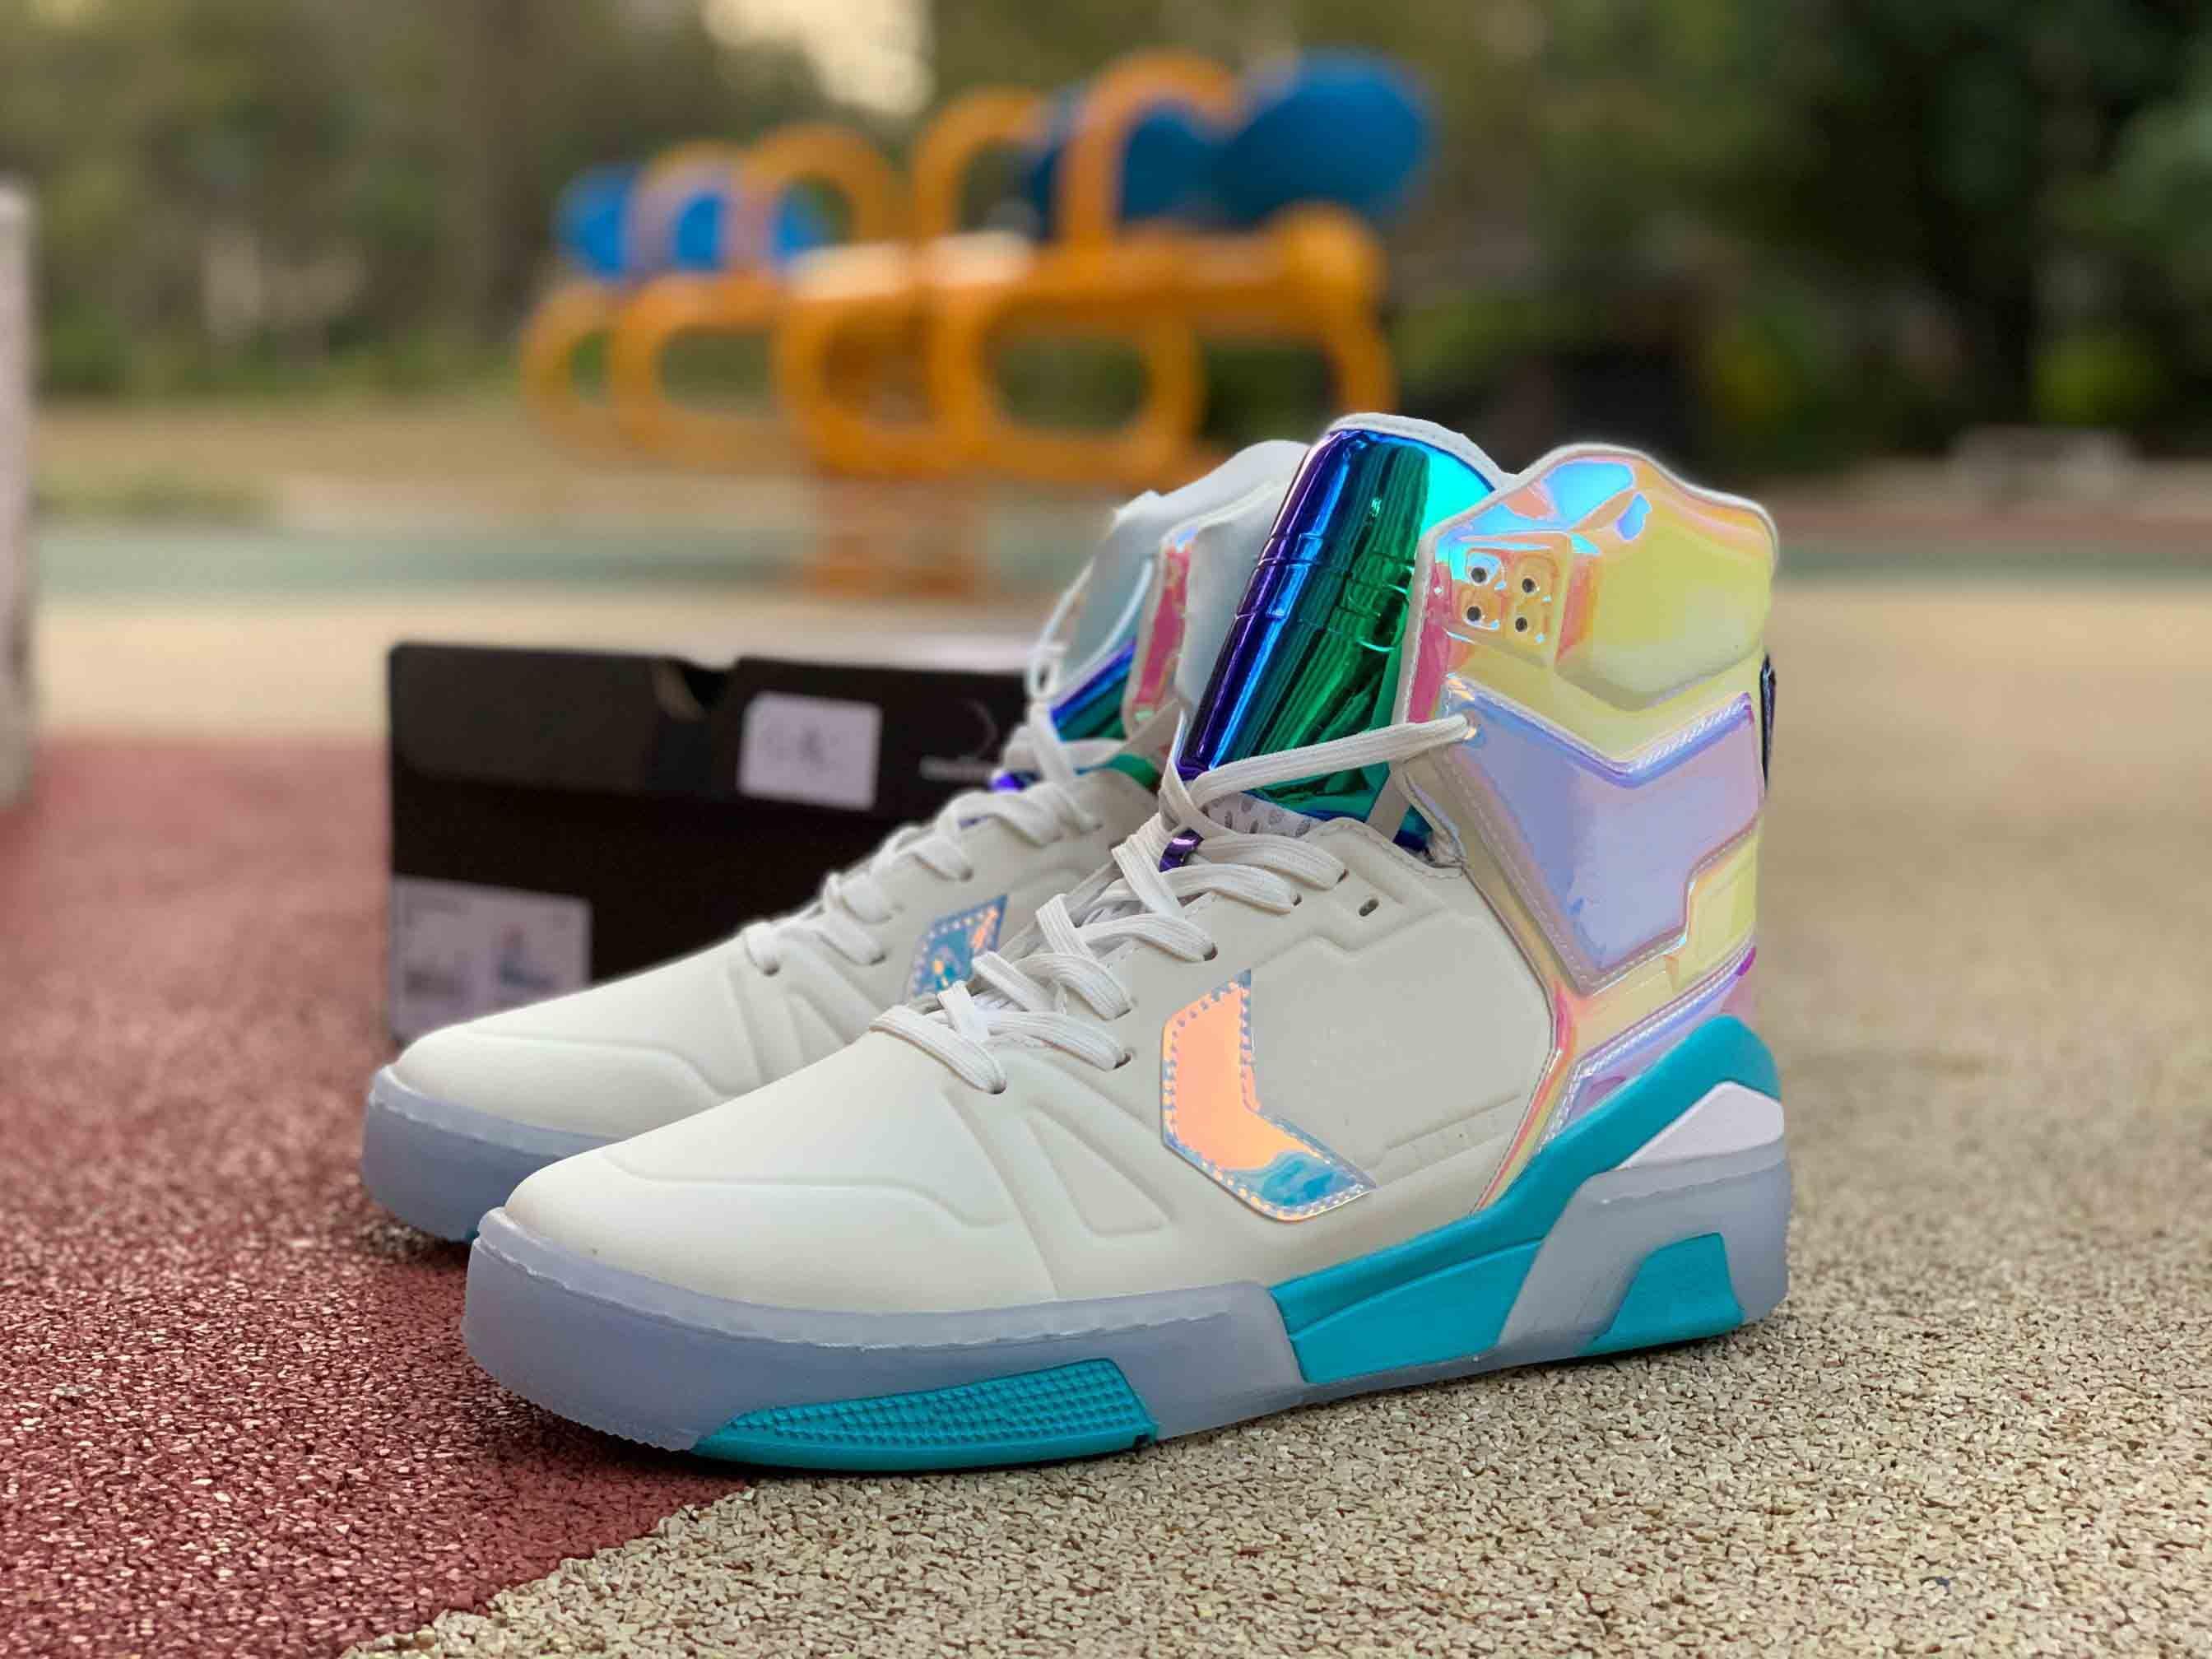 Les nouveaux hommes designer de mode pour hommes de luxe chaussure de basket-ball de femmes star robe chaussures chaussures de sport d'or sécurité de la plate-forme pour femmes blanches de mocassins de